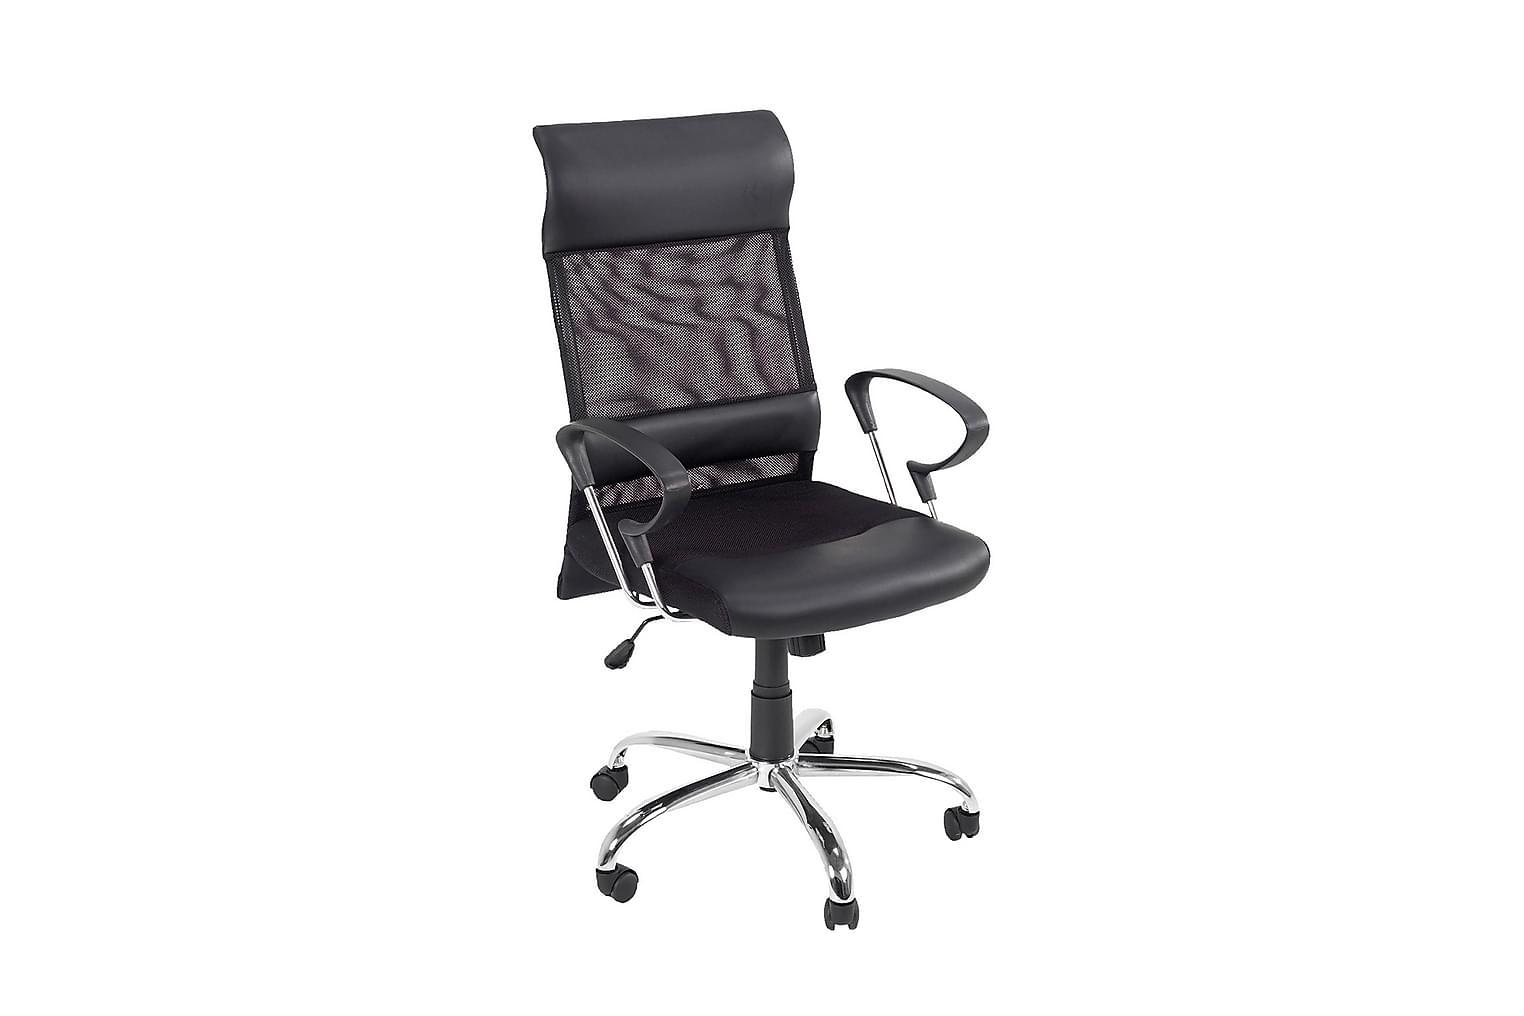 AMERANG Kirjoituspöydän tuoli Musta